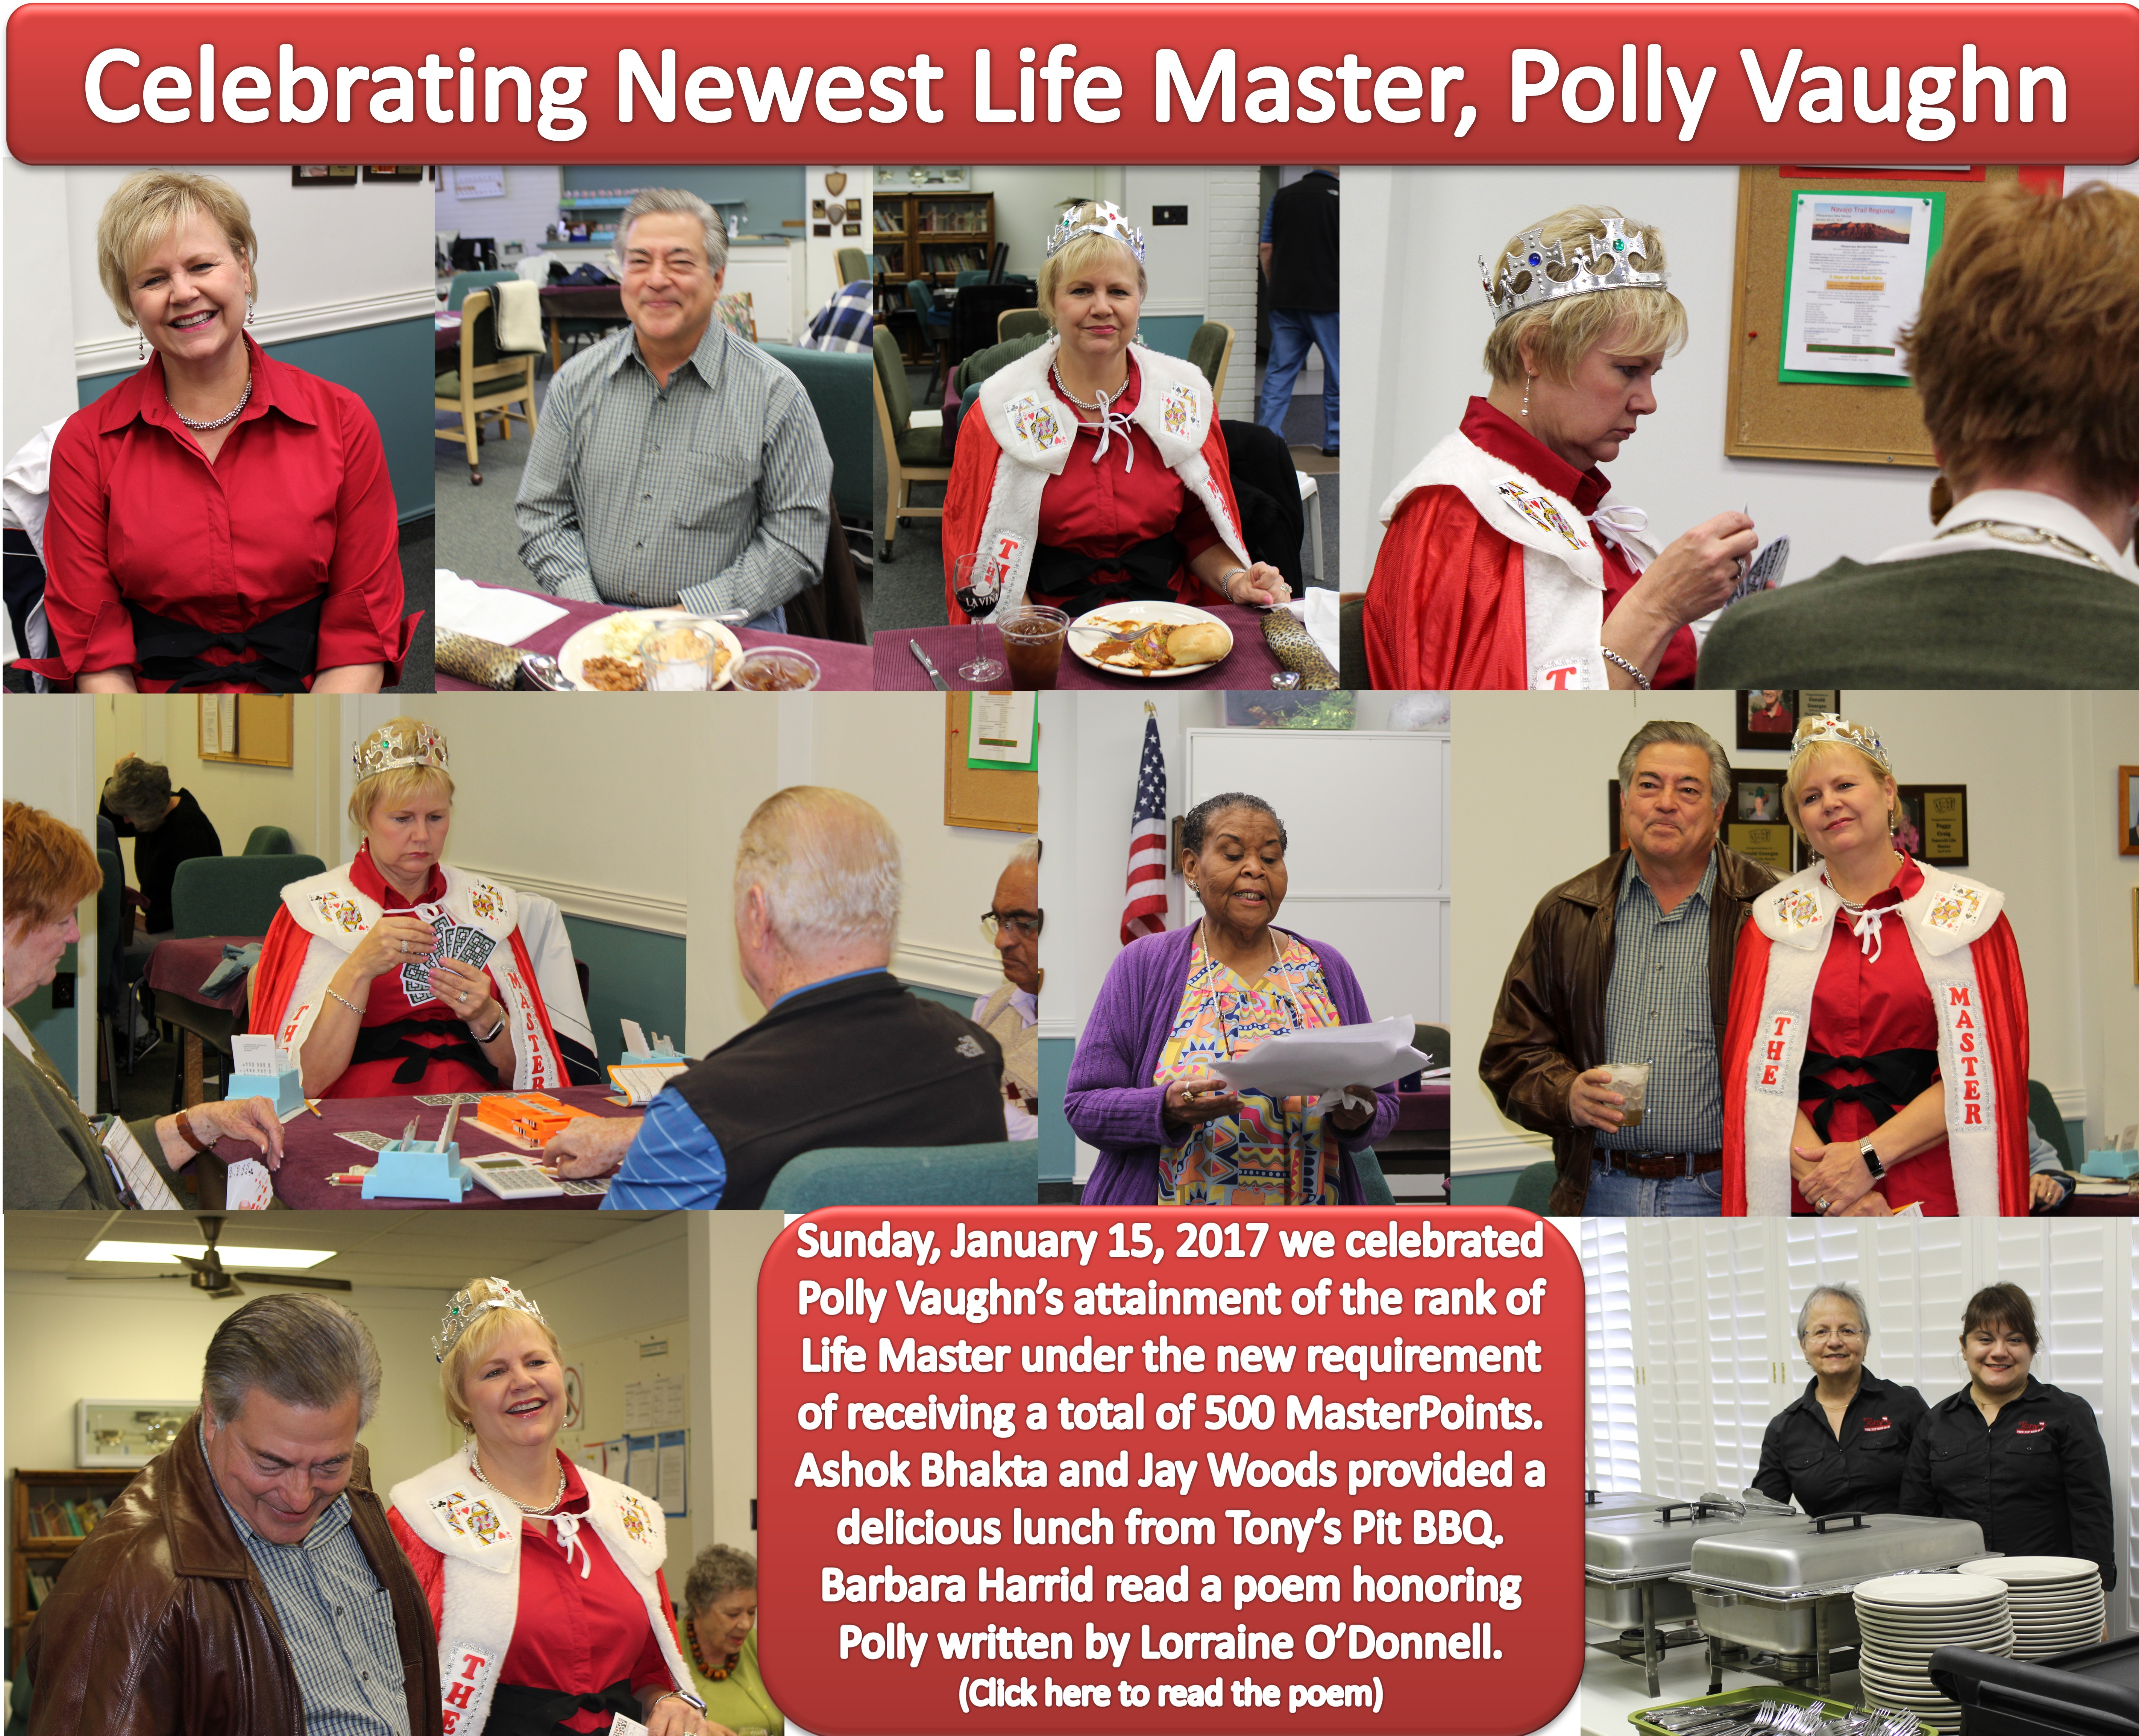 Polly Vaughn's party